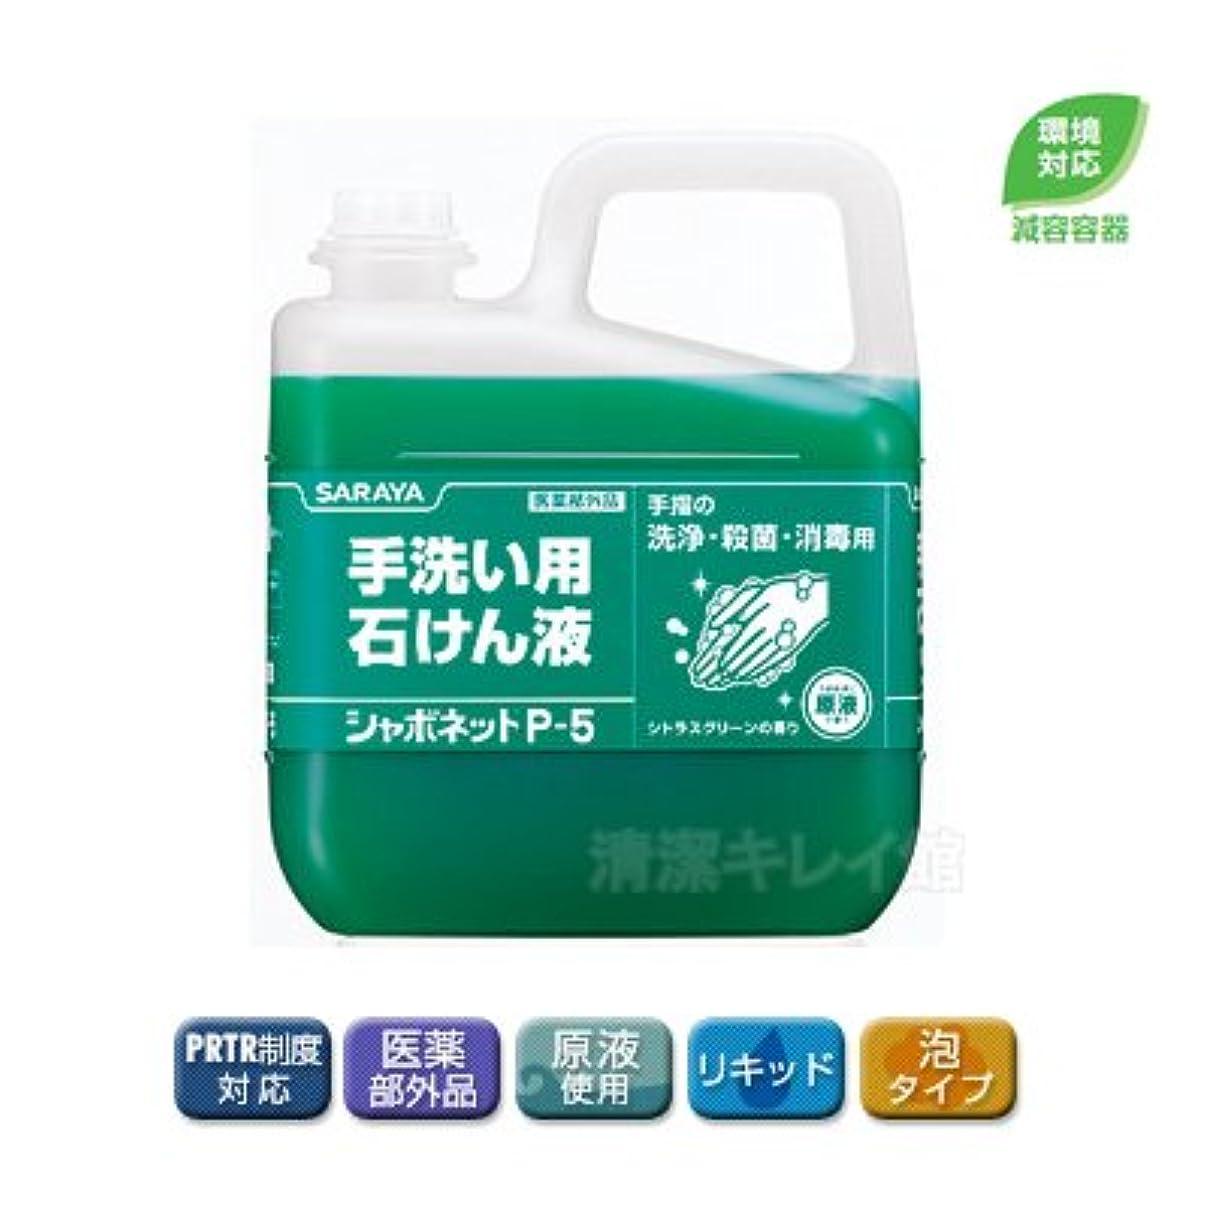 どっち夕方注釈を付ける【清潔キレイ館】サラヤ シャボネット石鹸液P-5(5kg)